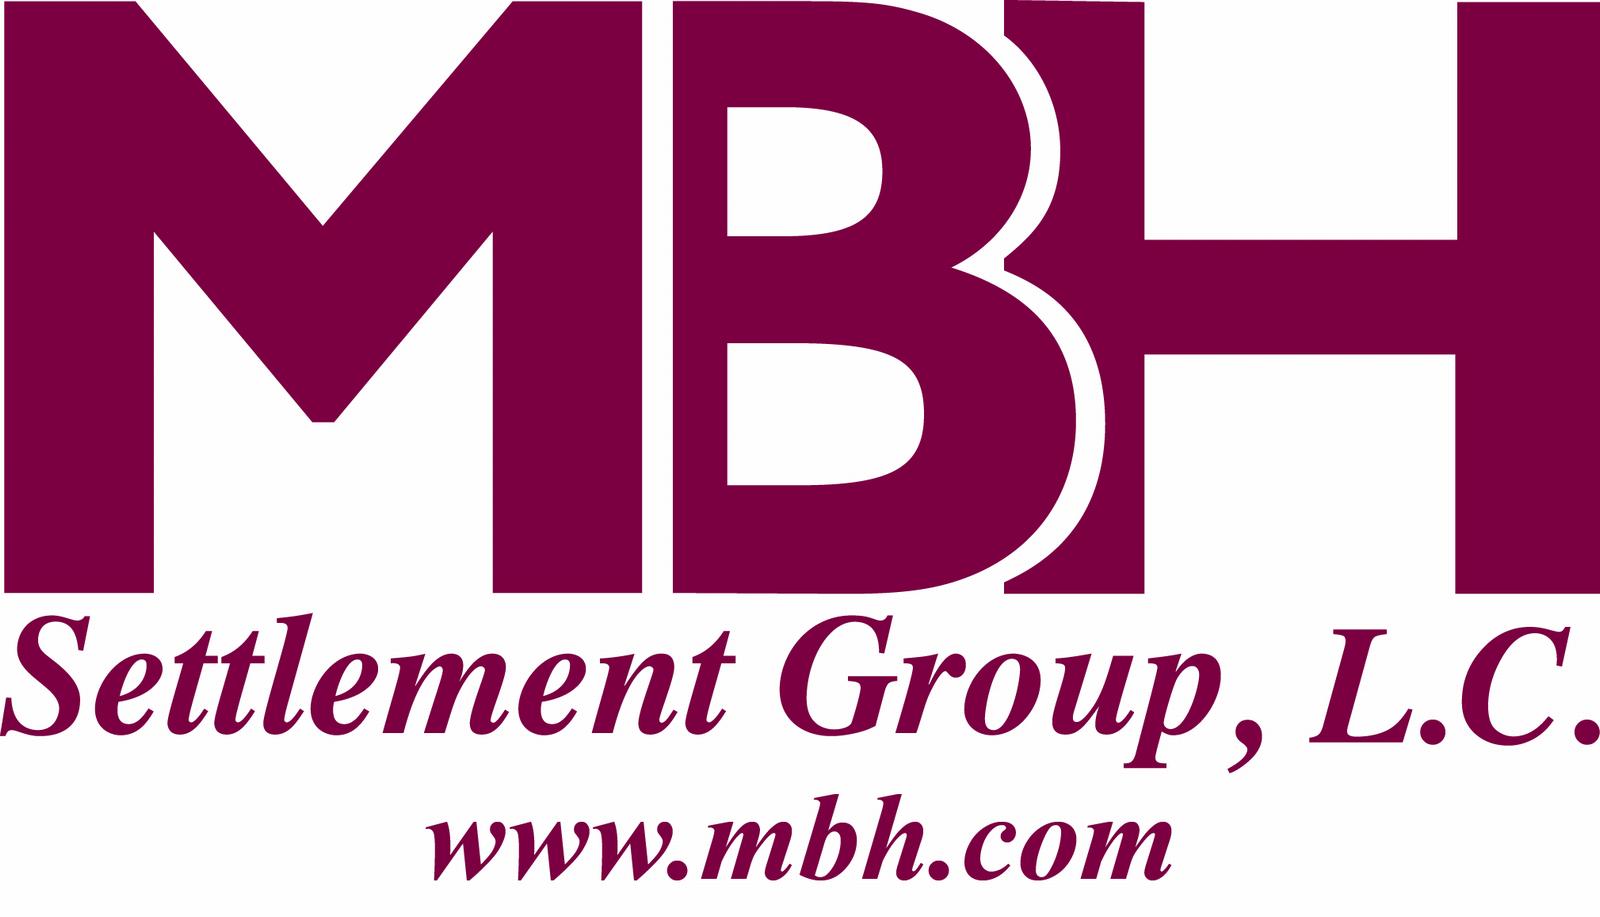 MBH Settlement Group logo